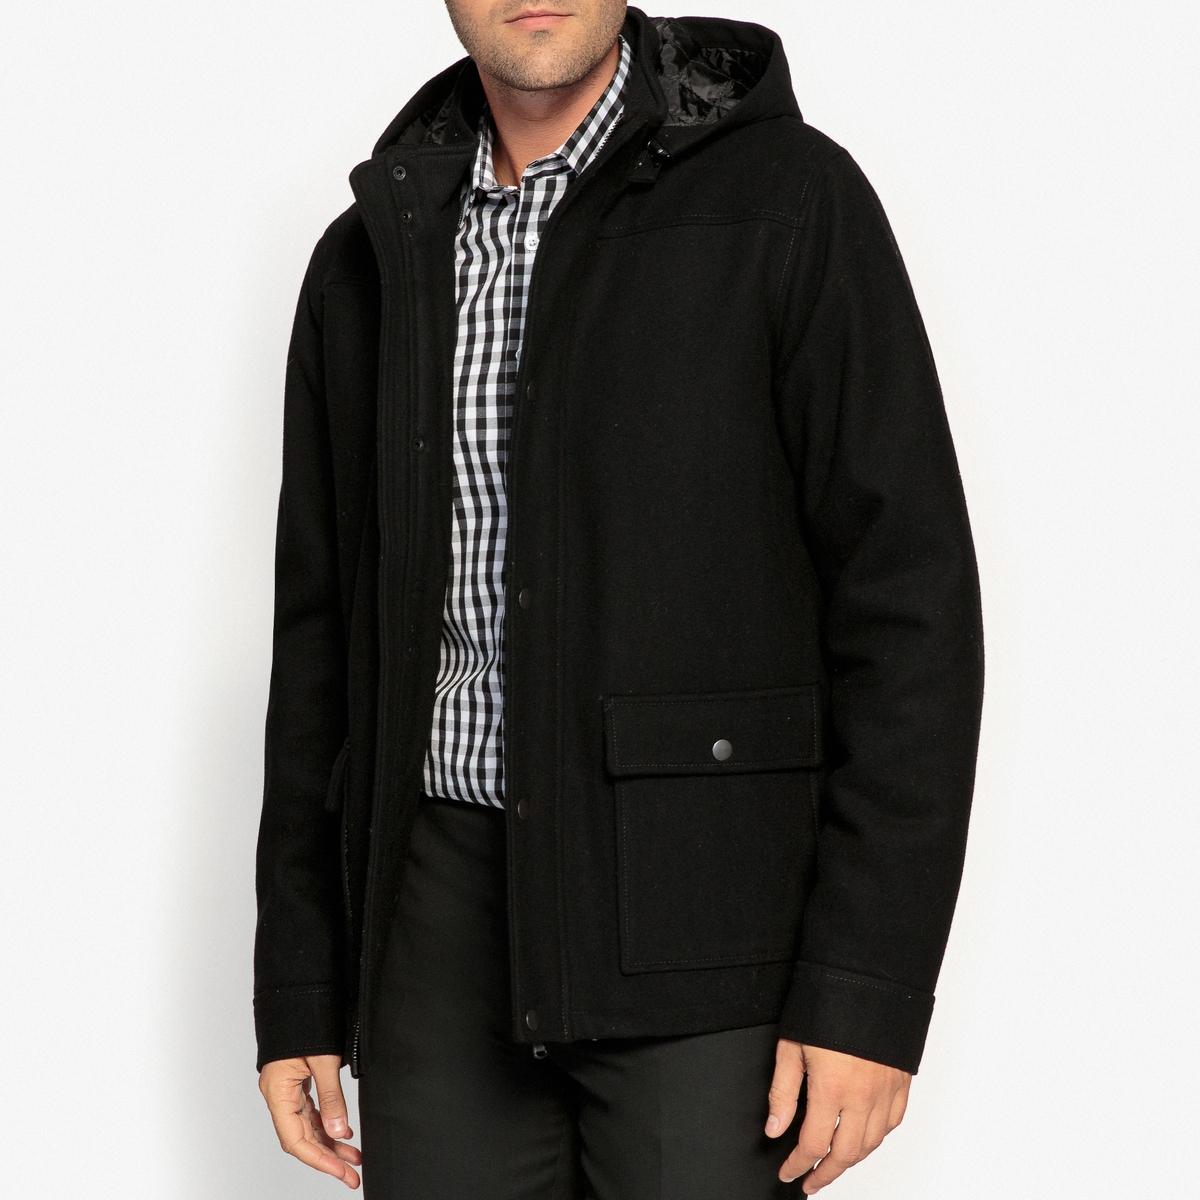 Cappotto a media lunghezza misto lana